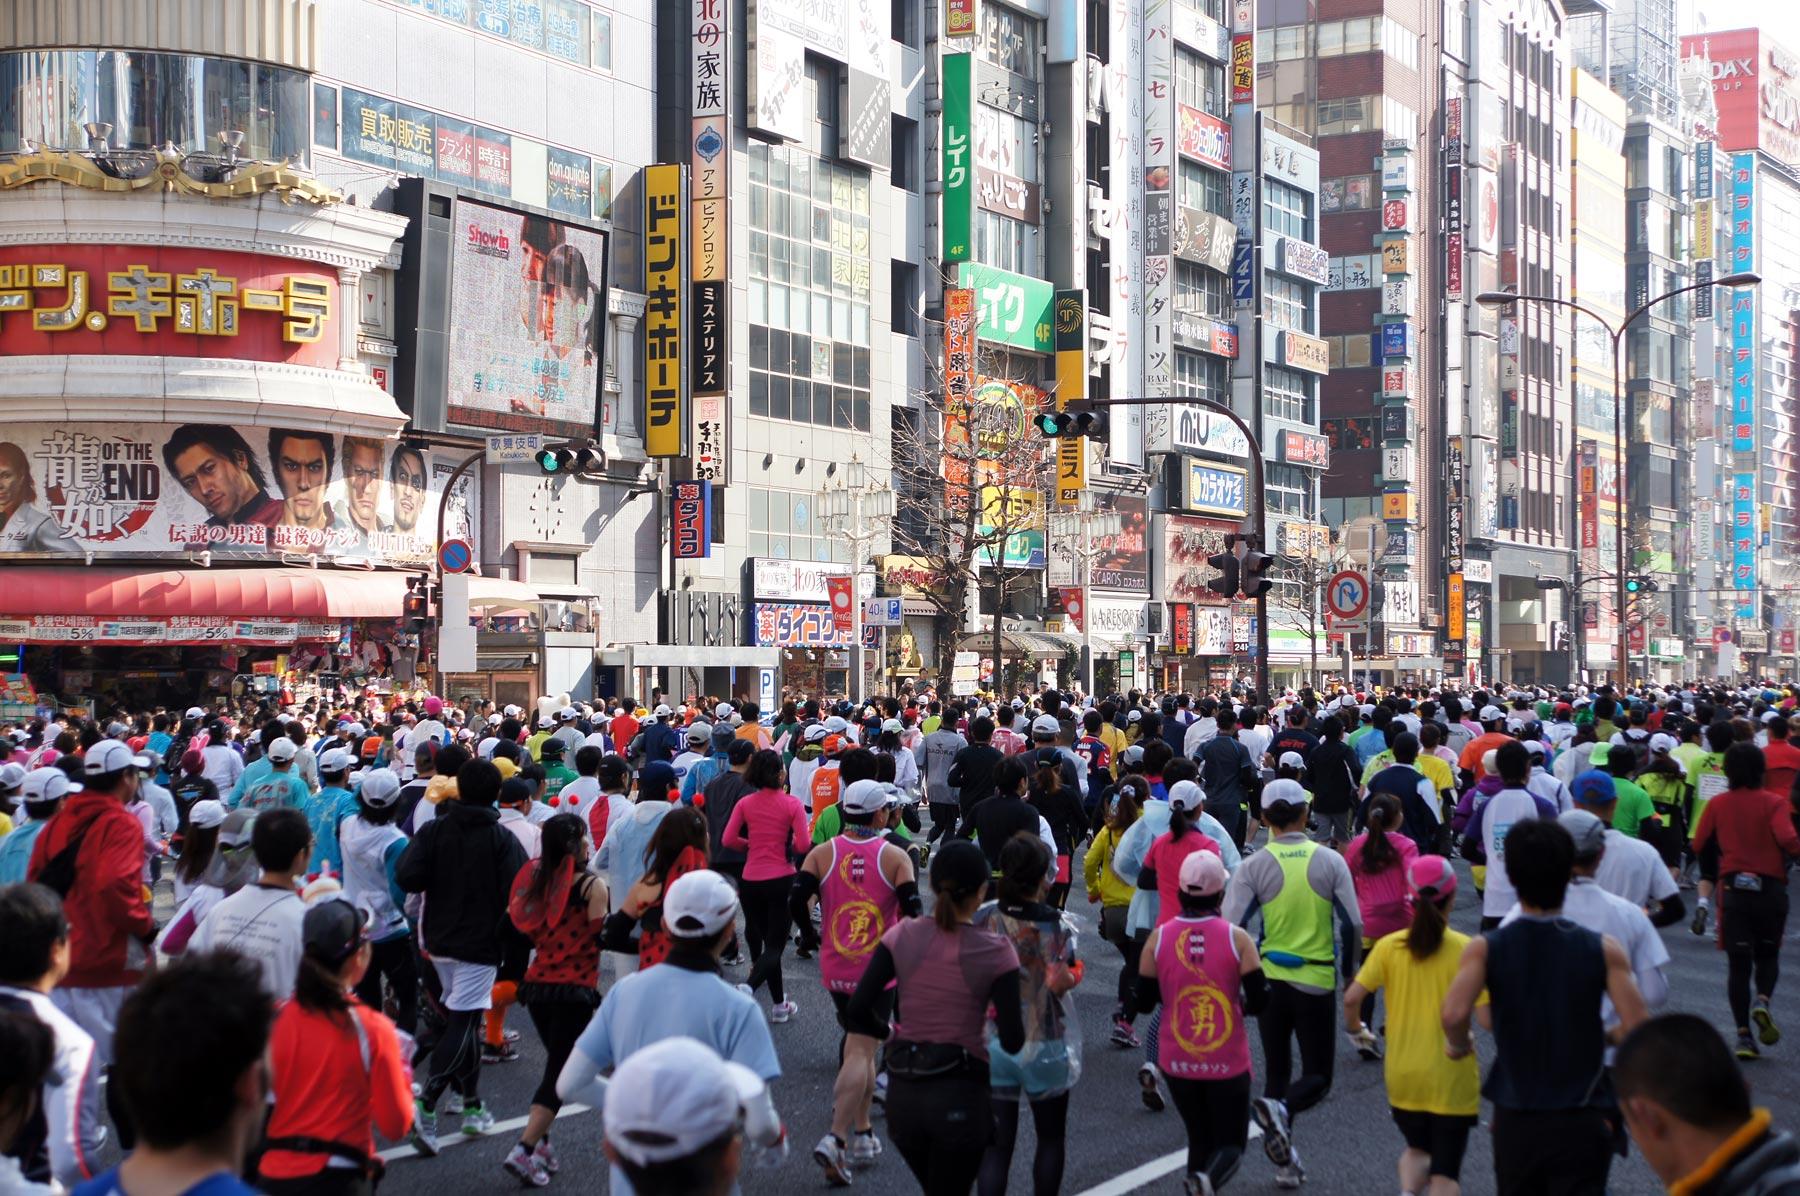 歌舞伎町 東京マラソン_e0216133_2255158.jpg